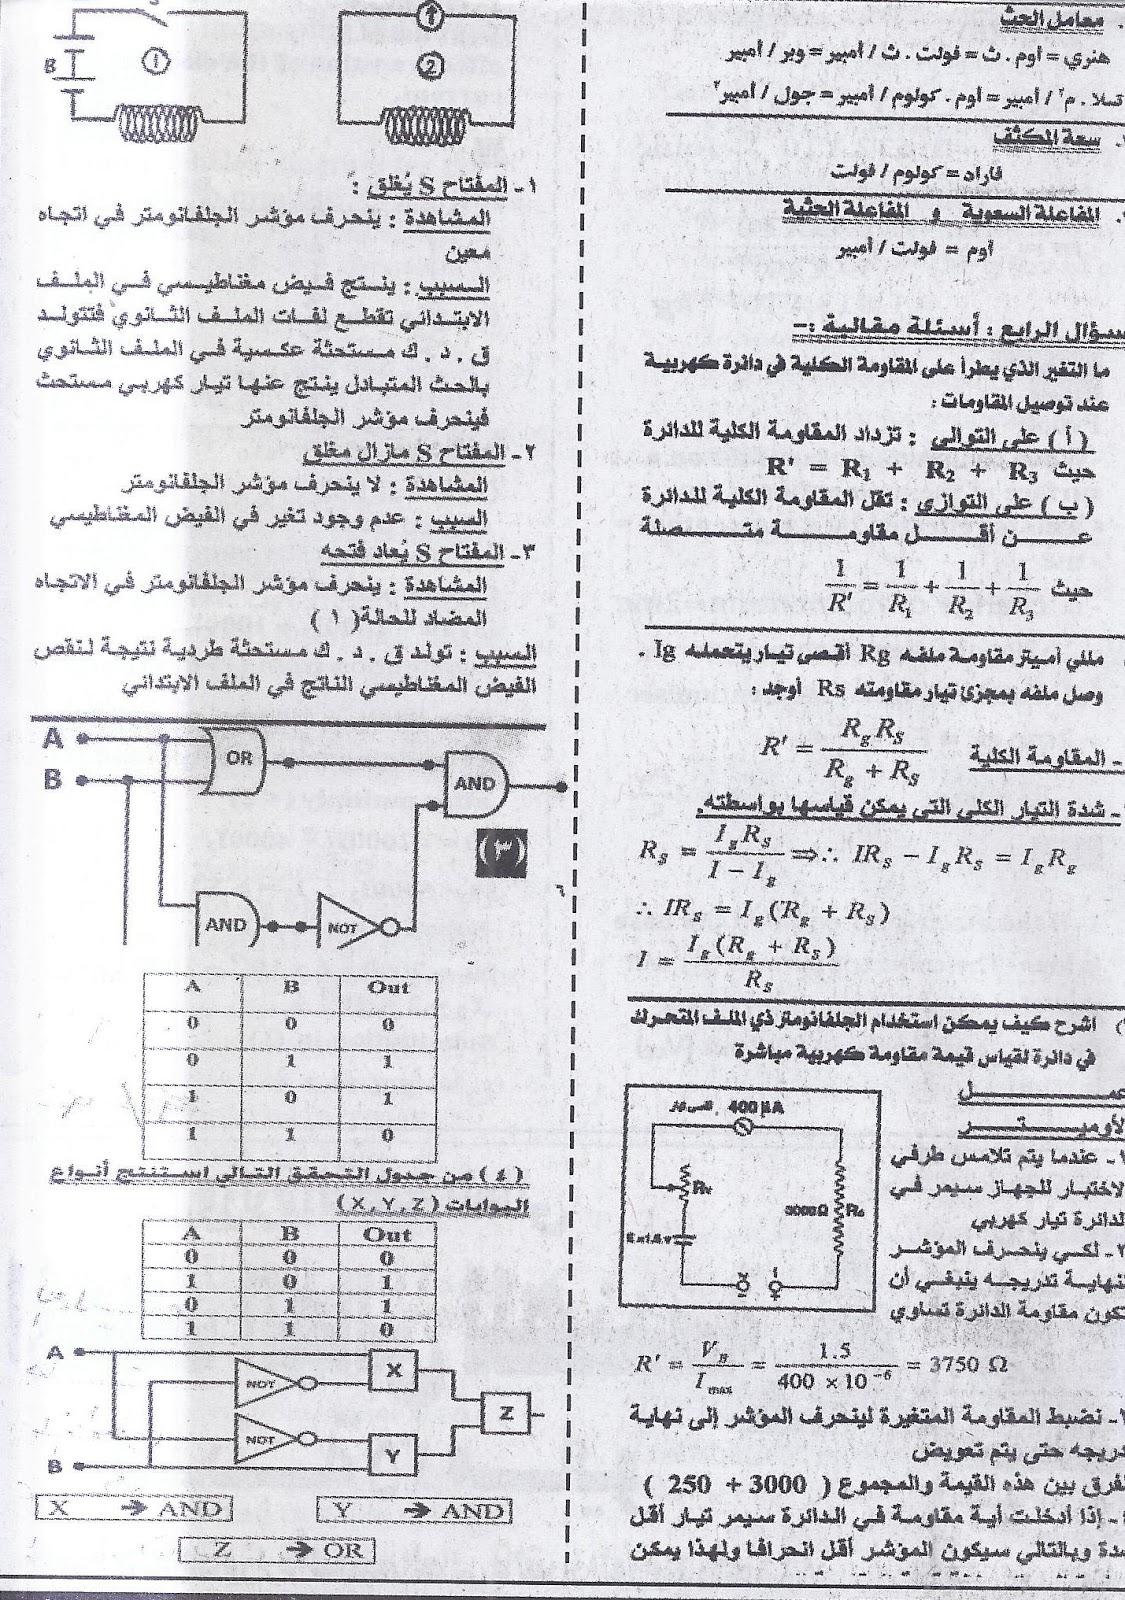 توقعات امتحان بكرة .. فيزياء ثانوية عامة 2016  16